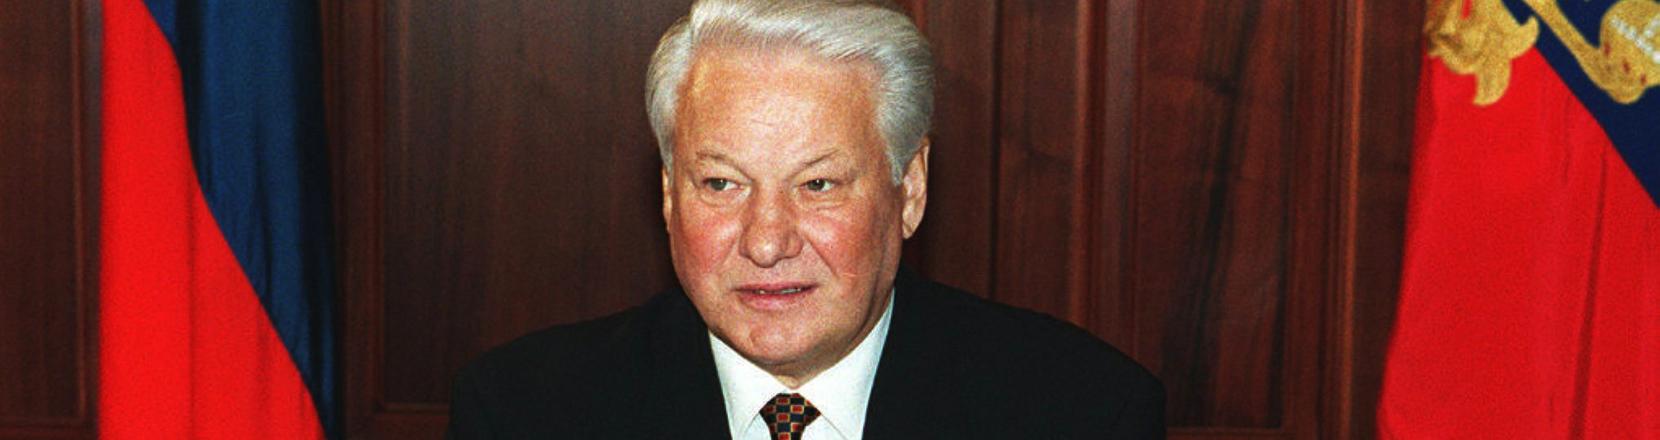 Boris Jelzin sitzt am Schreibtisch